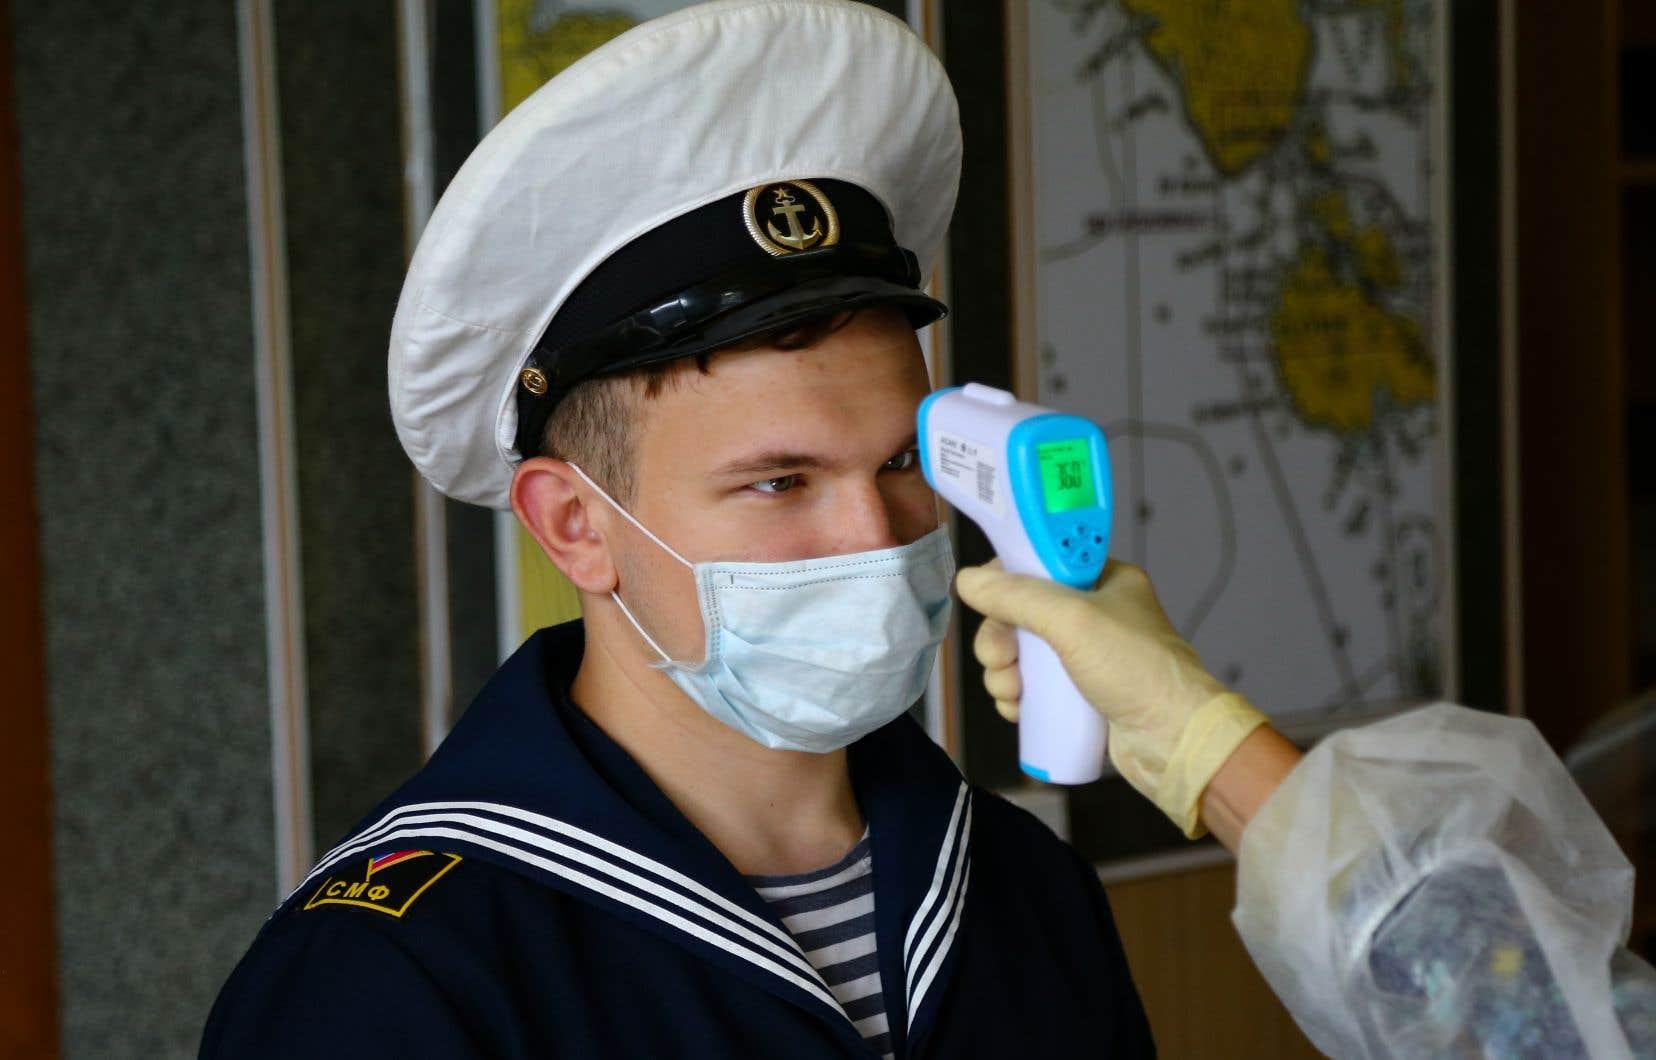 <p>Menés par le ministère russe de la Défense et le Centre de recherches en épidémiologie et microbiologie Nikolaï Gamaleïa, ces essais ont débuté à la mi-juin dans un prestigieux hôpital militaire à Moscou sur un groupe de volontaires comprenant essentiellement des militaires russes, mais aussi des civils.</p>